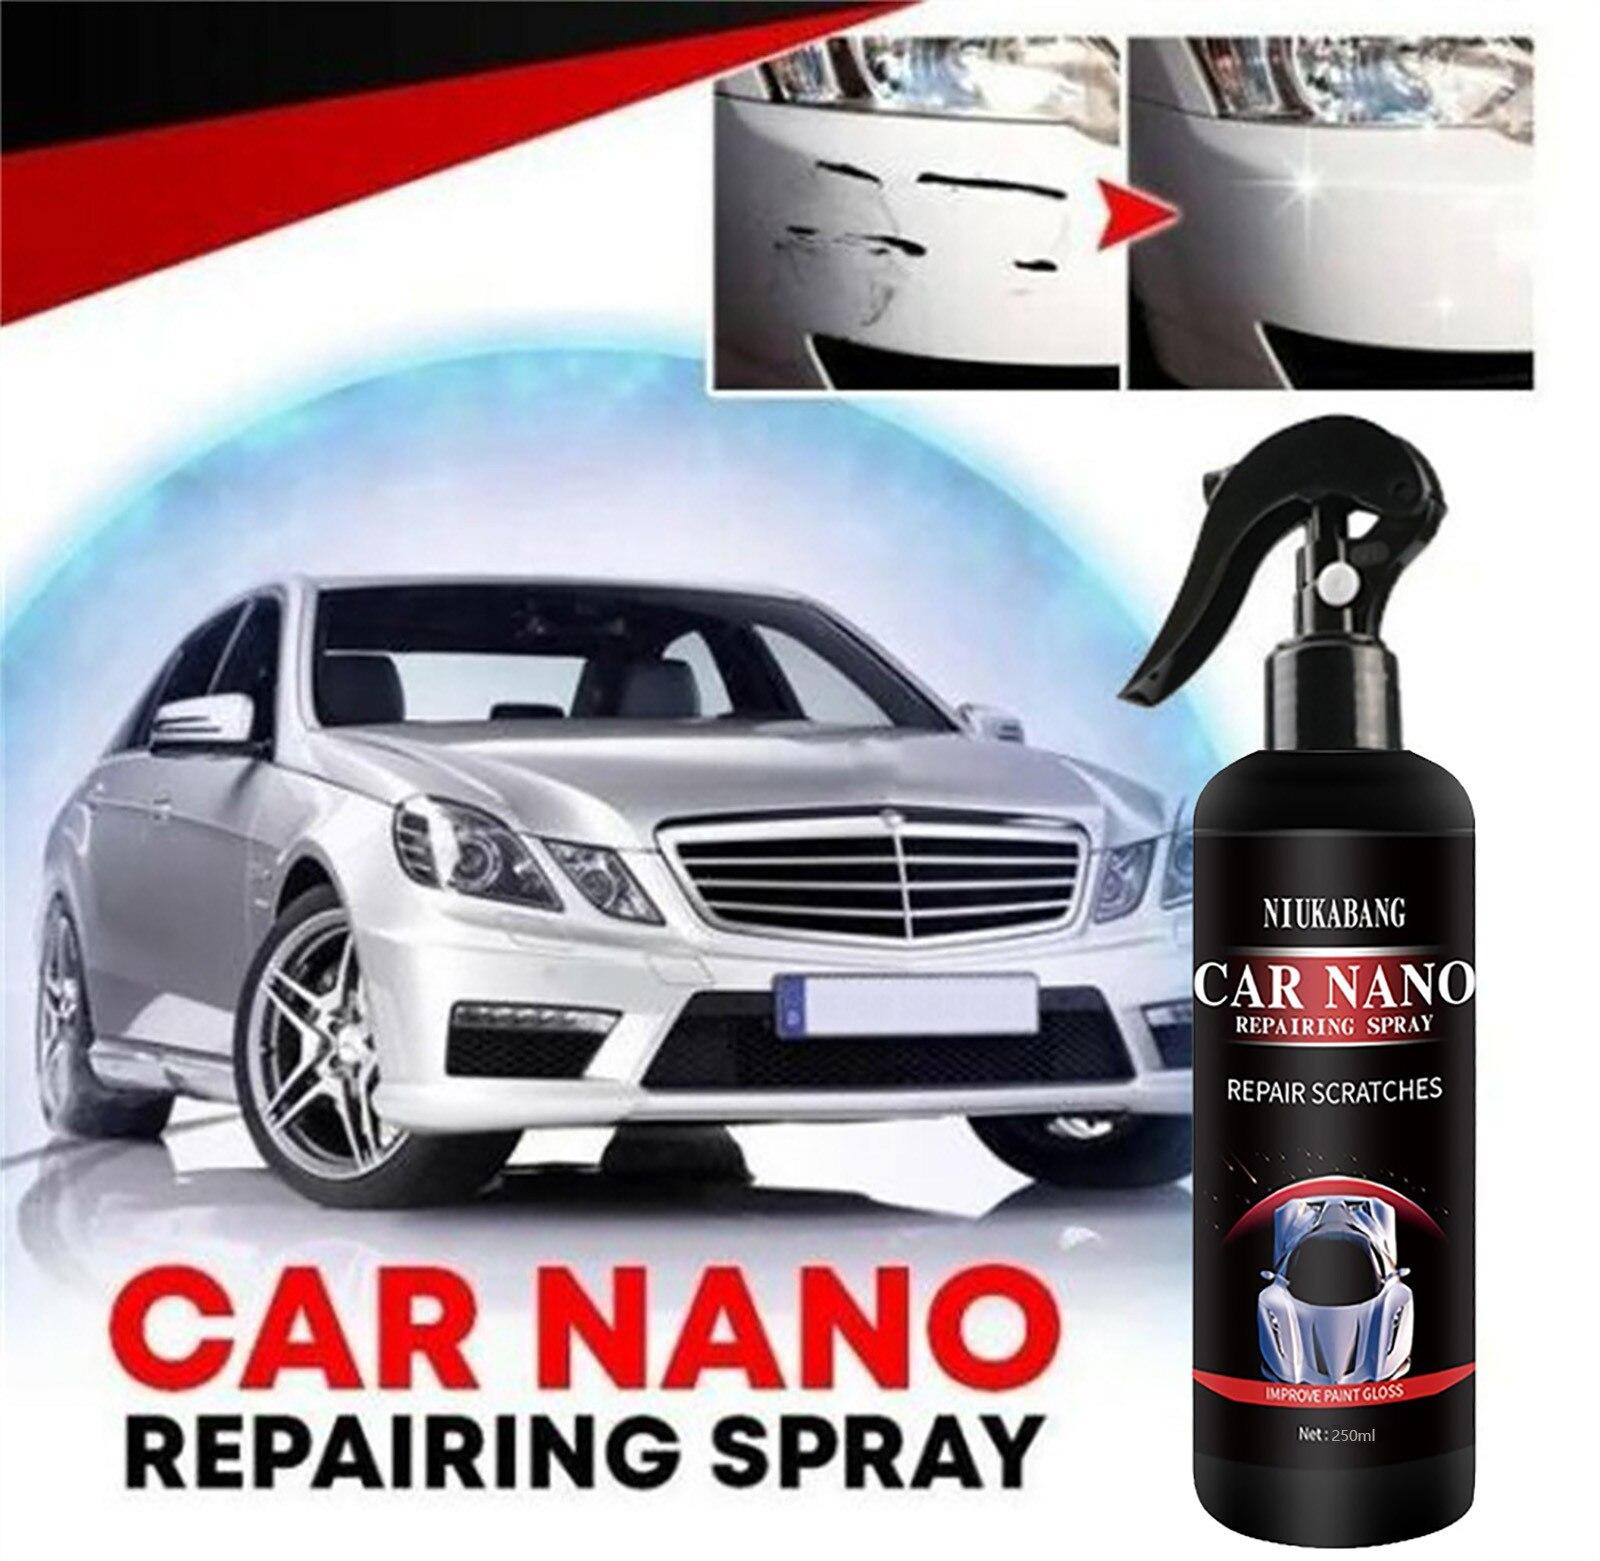 500 мл автомобиля Nano Восстанавливающий спрей окисления жидкости Керамика, супергидрофобное покрытие для 60 мл автомобиля нано ремонт спрей м...